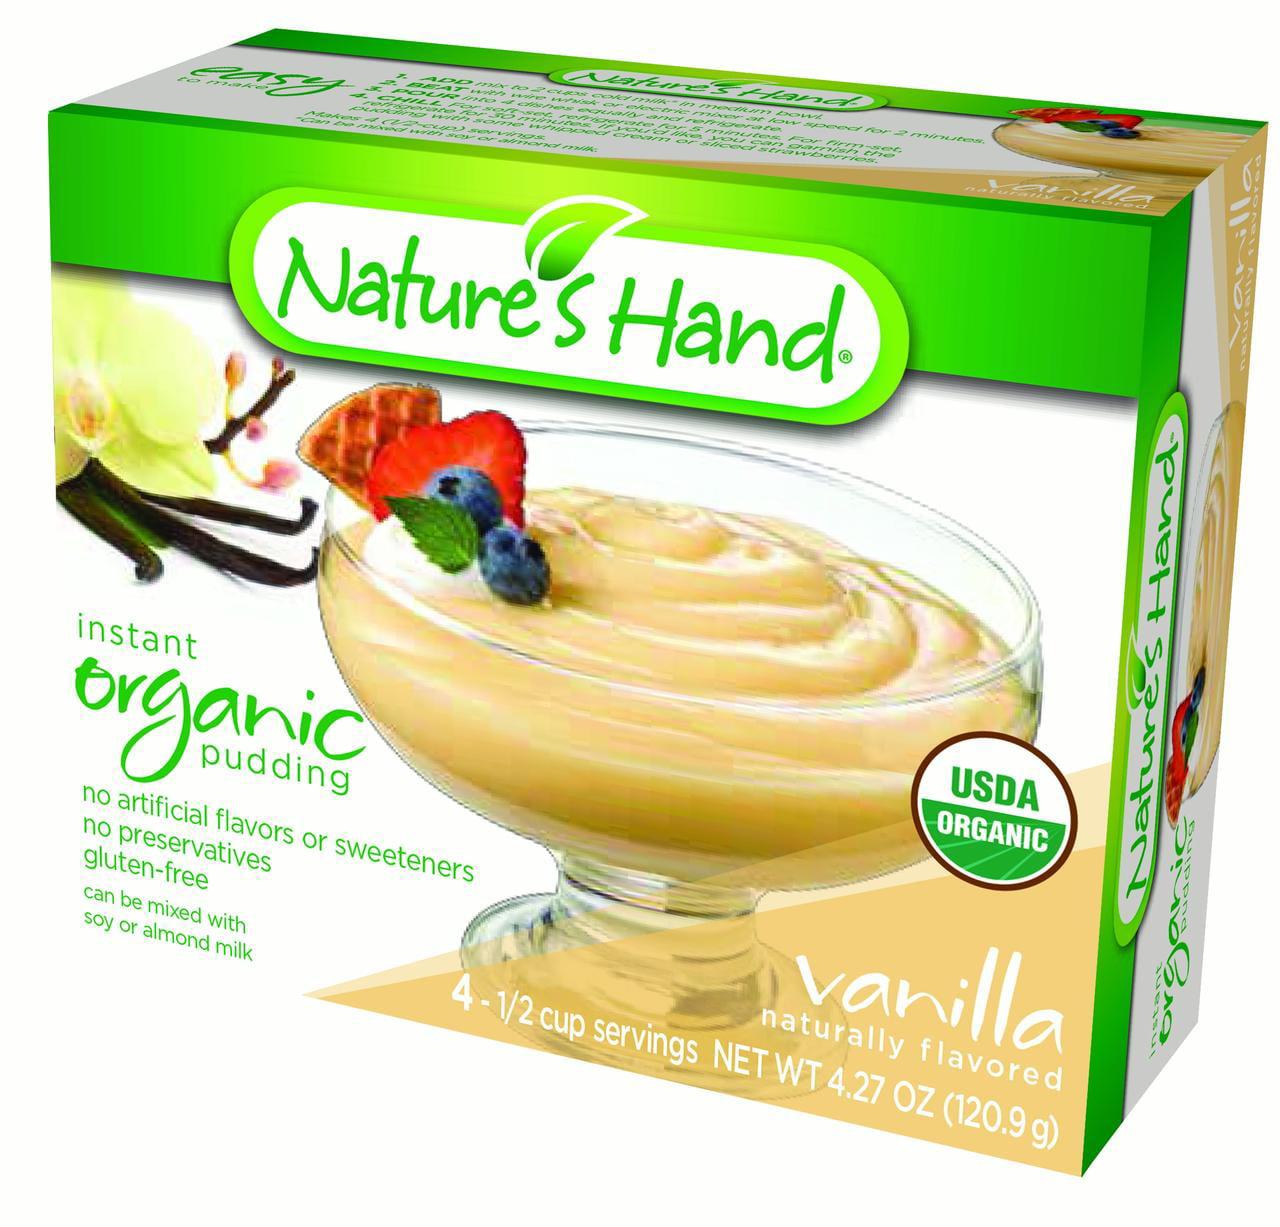 (3 Pack) NATURE'S HAND Organic Pudding, Vanilla, 3.72 Oz, 12 Ct